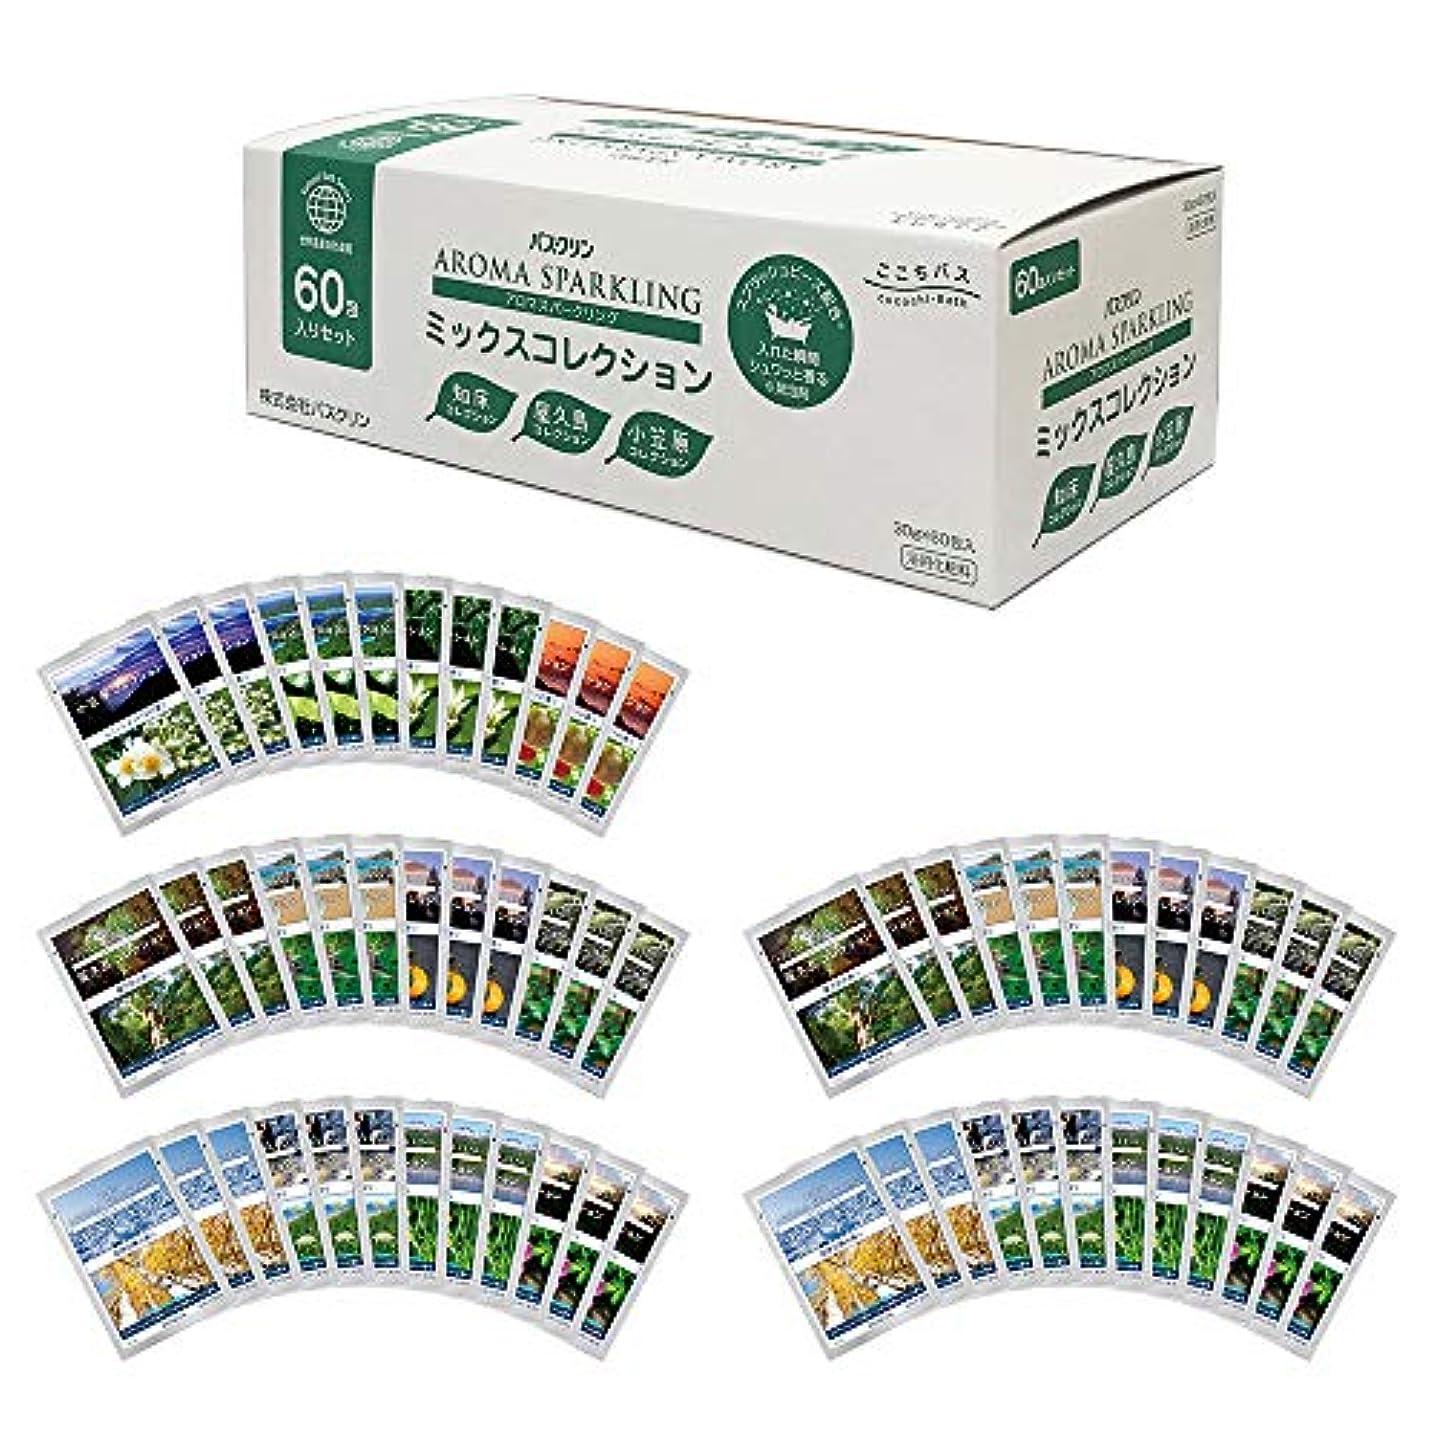 仕える解決する経験的[Amazon限定ブランド] ここちバス バスクリン 入浴剤  アロマスパークリング ミックスコレクション 60包入り 個包装 詰め合わせ